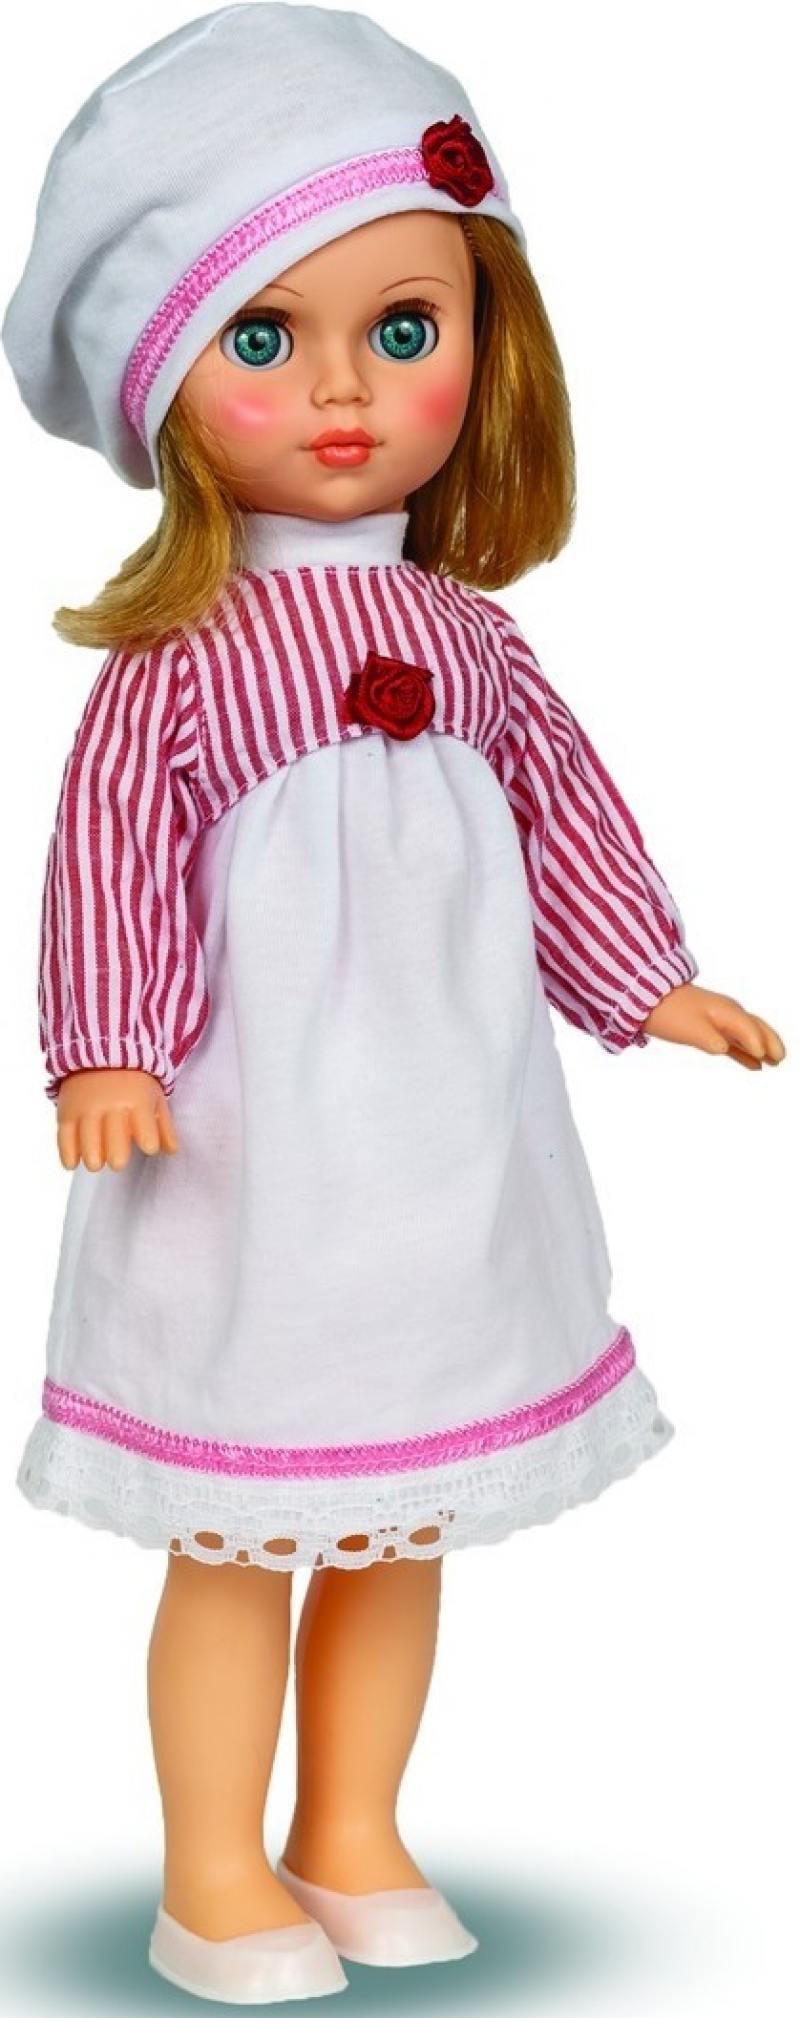 Кукла ВЕСНА Мила 2 весна кукла христина 2 в303 0